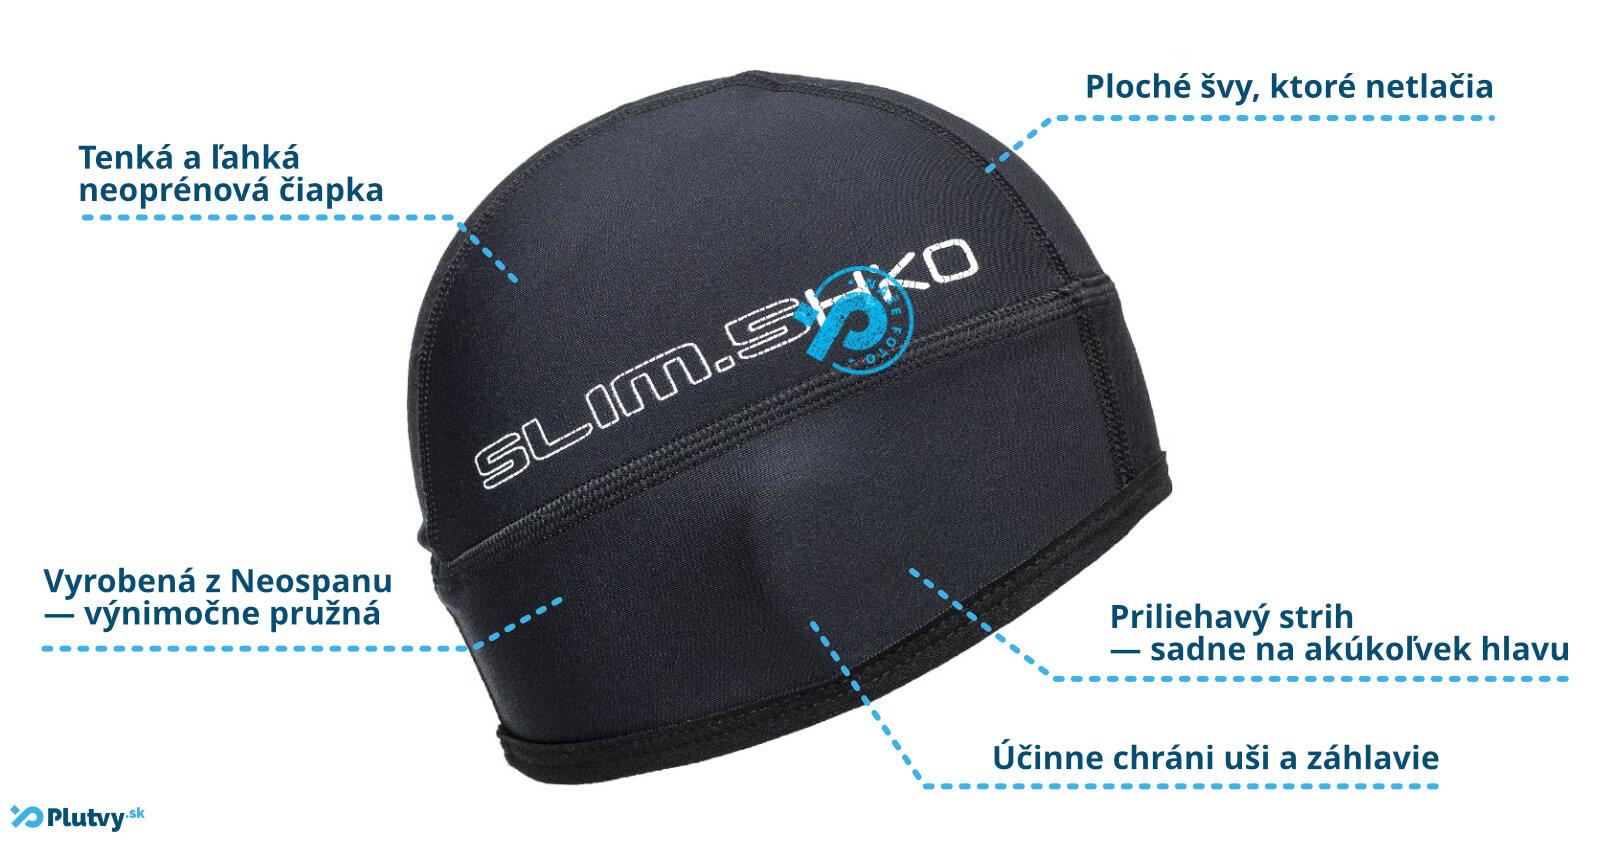 Elastická čiapka vhondá na použitie pri vodných športoch, v chladnej vode, Hiko Slim 0.5mm, Plutvy.sk